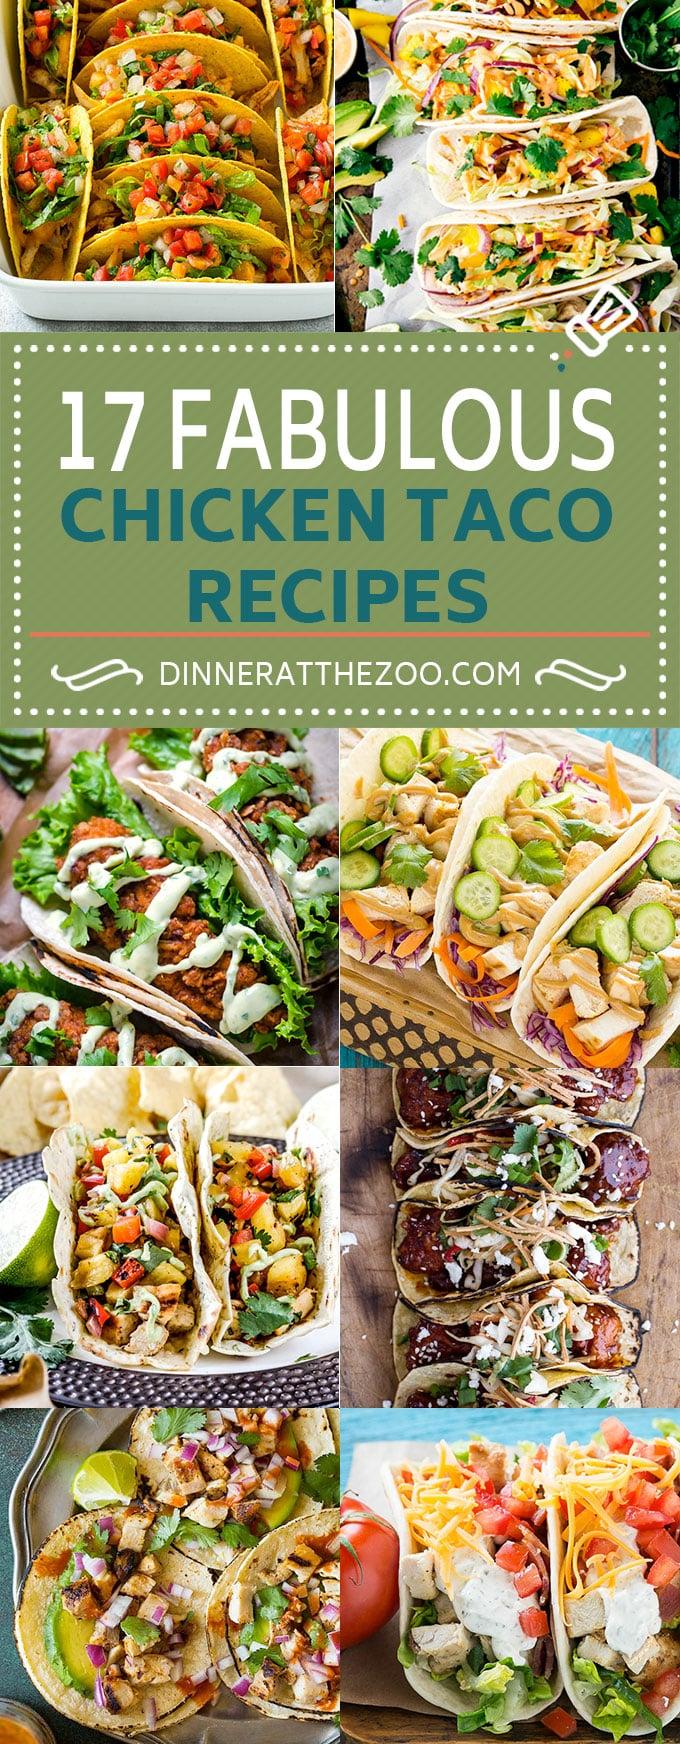 17 Fabulous Chicken Taco Recipes   Easy Taco Recipes #tacos #chicken #dinner #dinneratthezoo